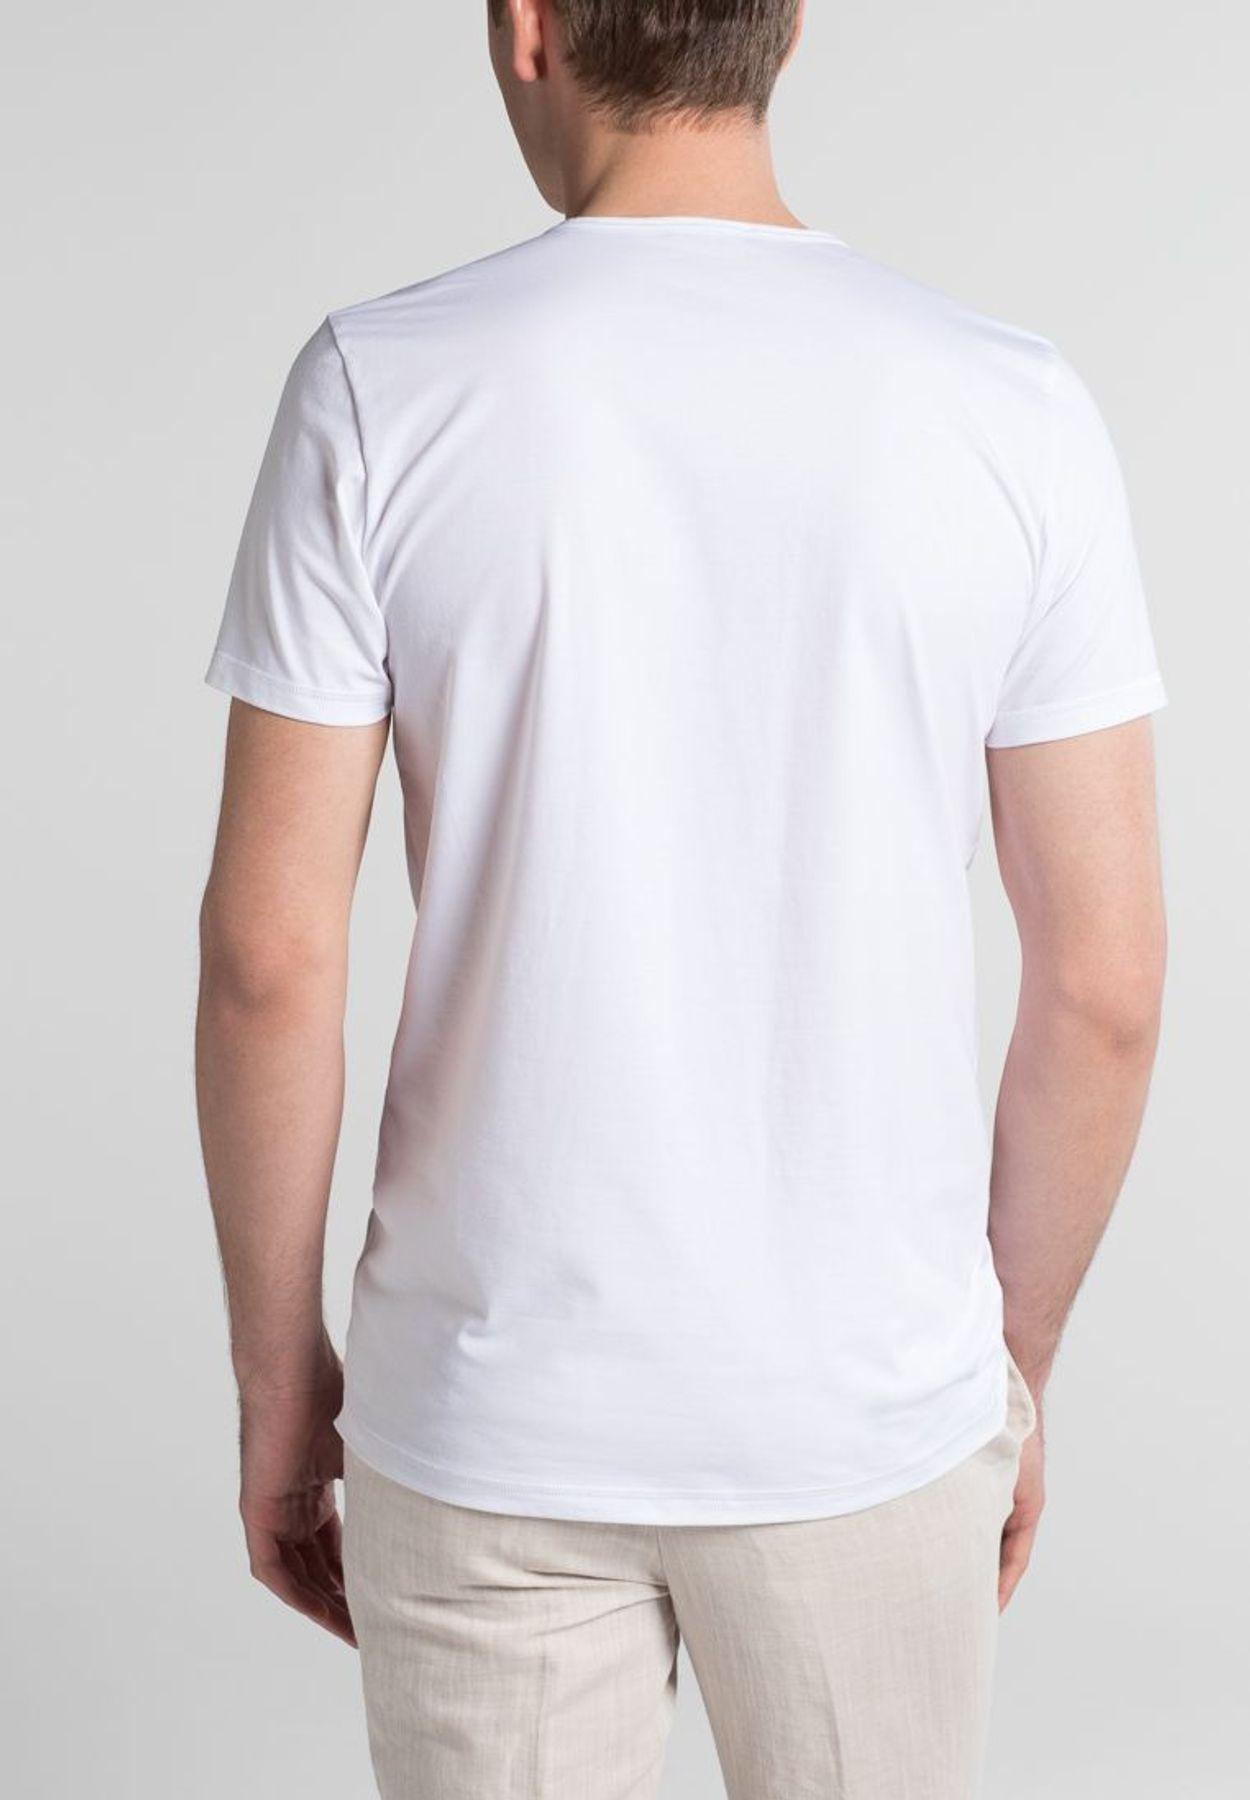 Eterna - Herren Bodyshirt mit verlängertem V-Ausschnitt in schwarz und weiß (804) – Bild 6